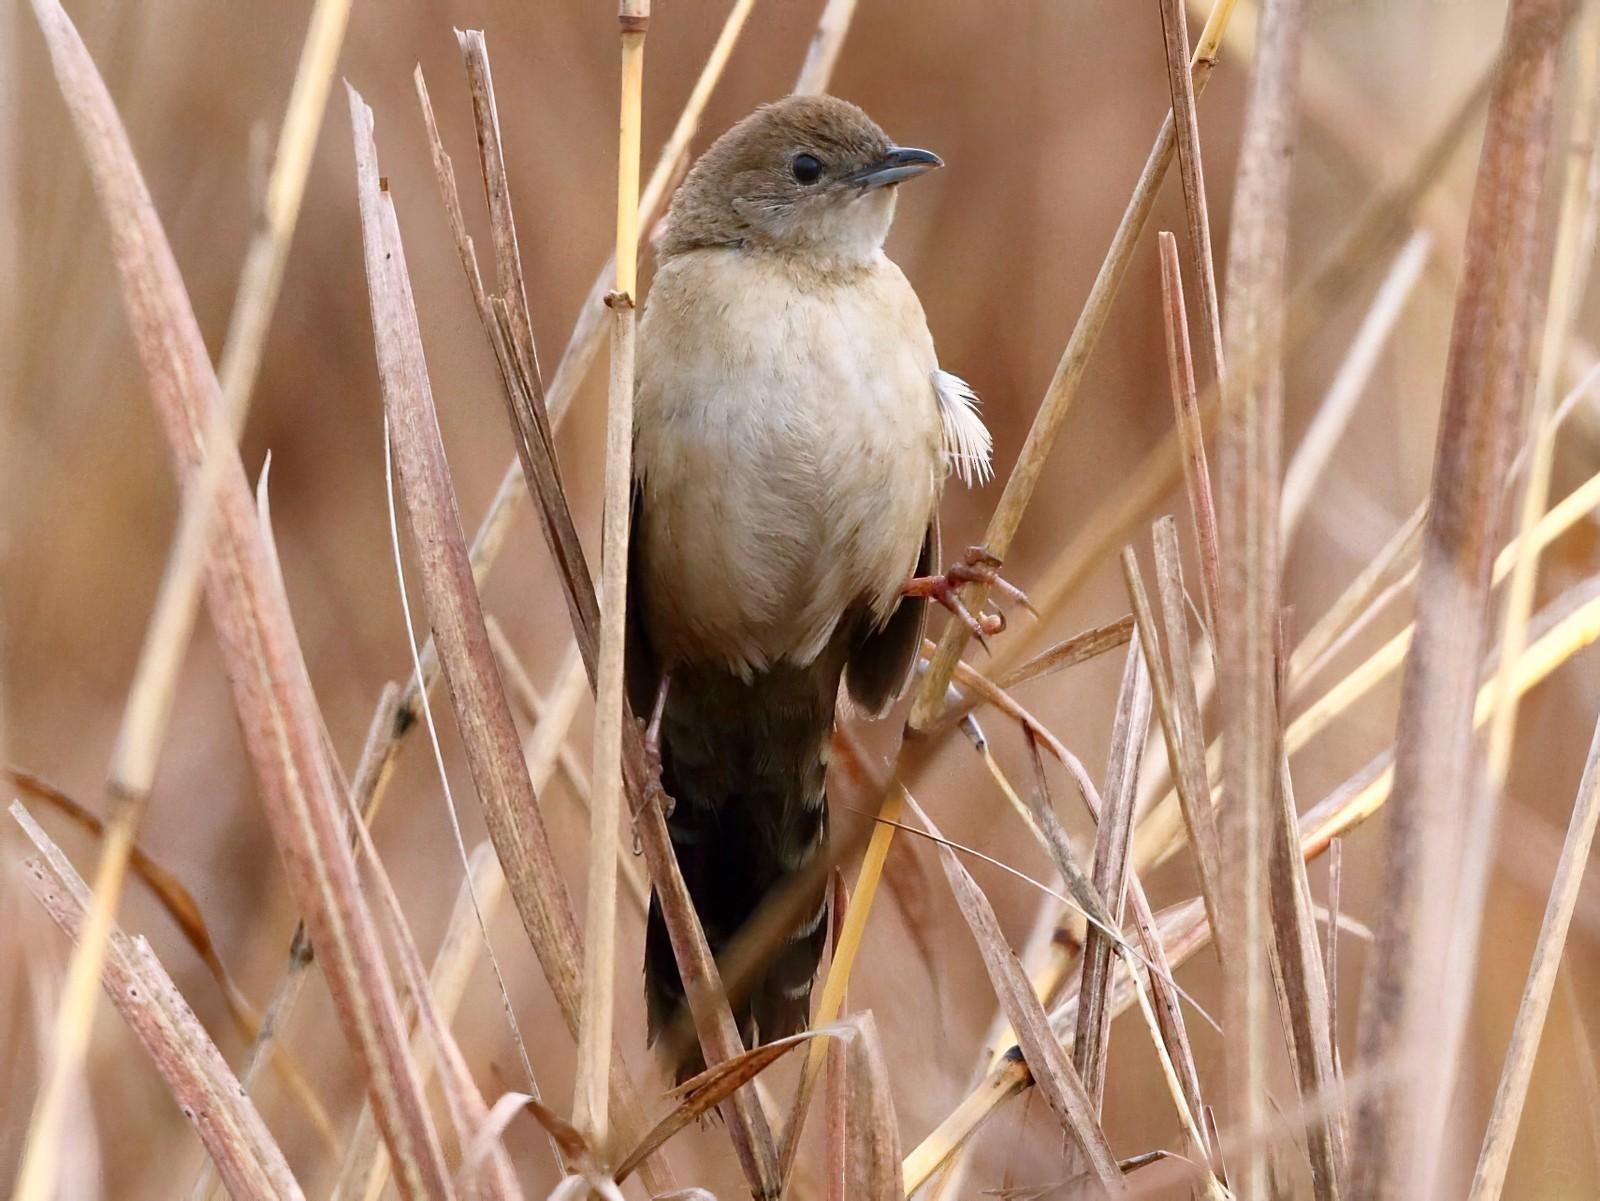 Fan-tailed Grassbird - Markus Lilje